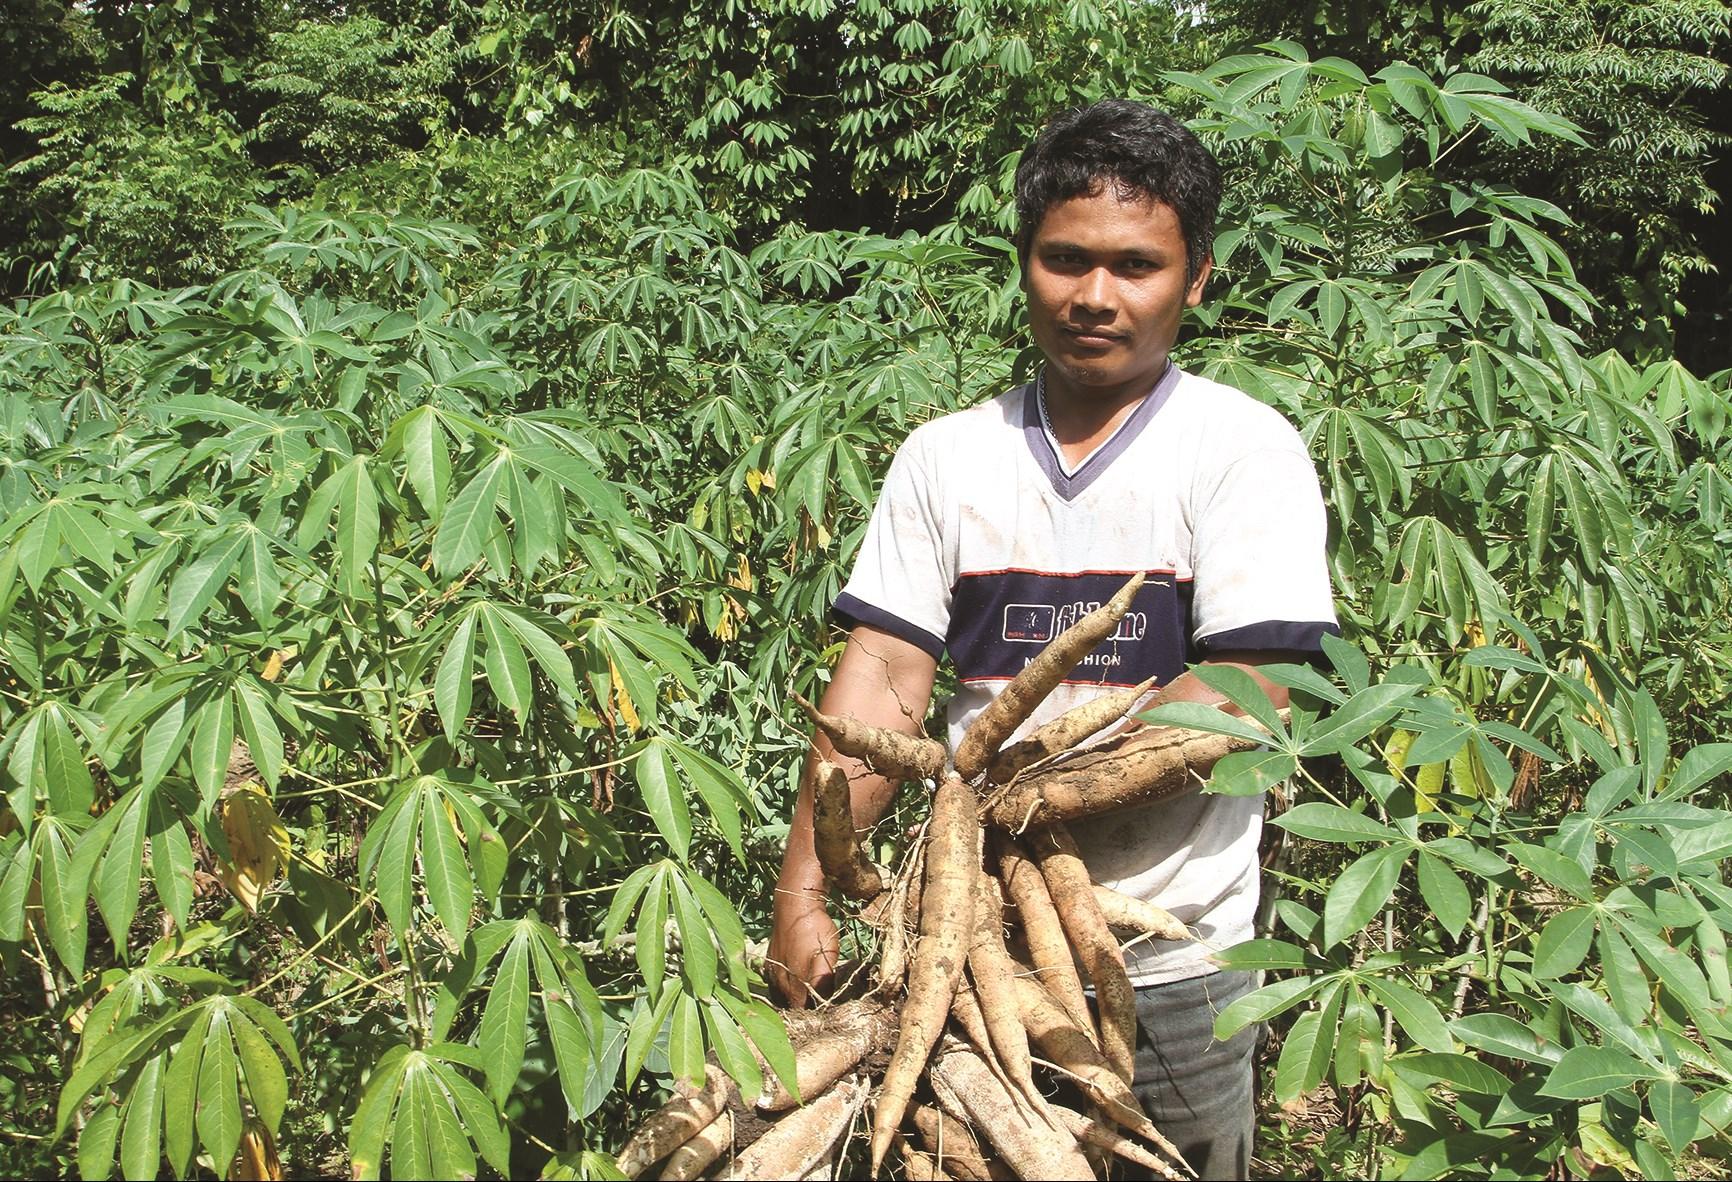 Việc quy hoạch vùng nguyên liệu mì (sắn) gắn với xây dựng nhà máy chế biến giúp người dân có thu nhập ổn định.